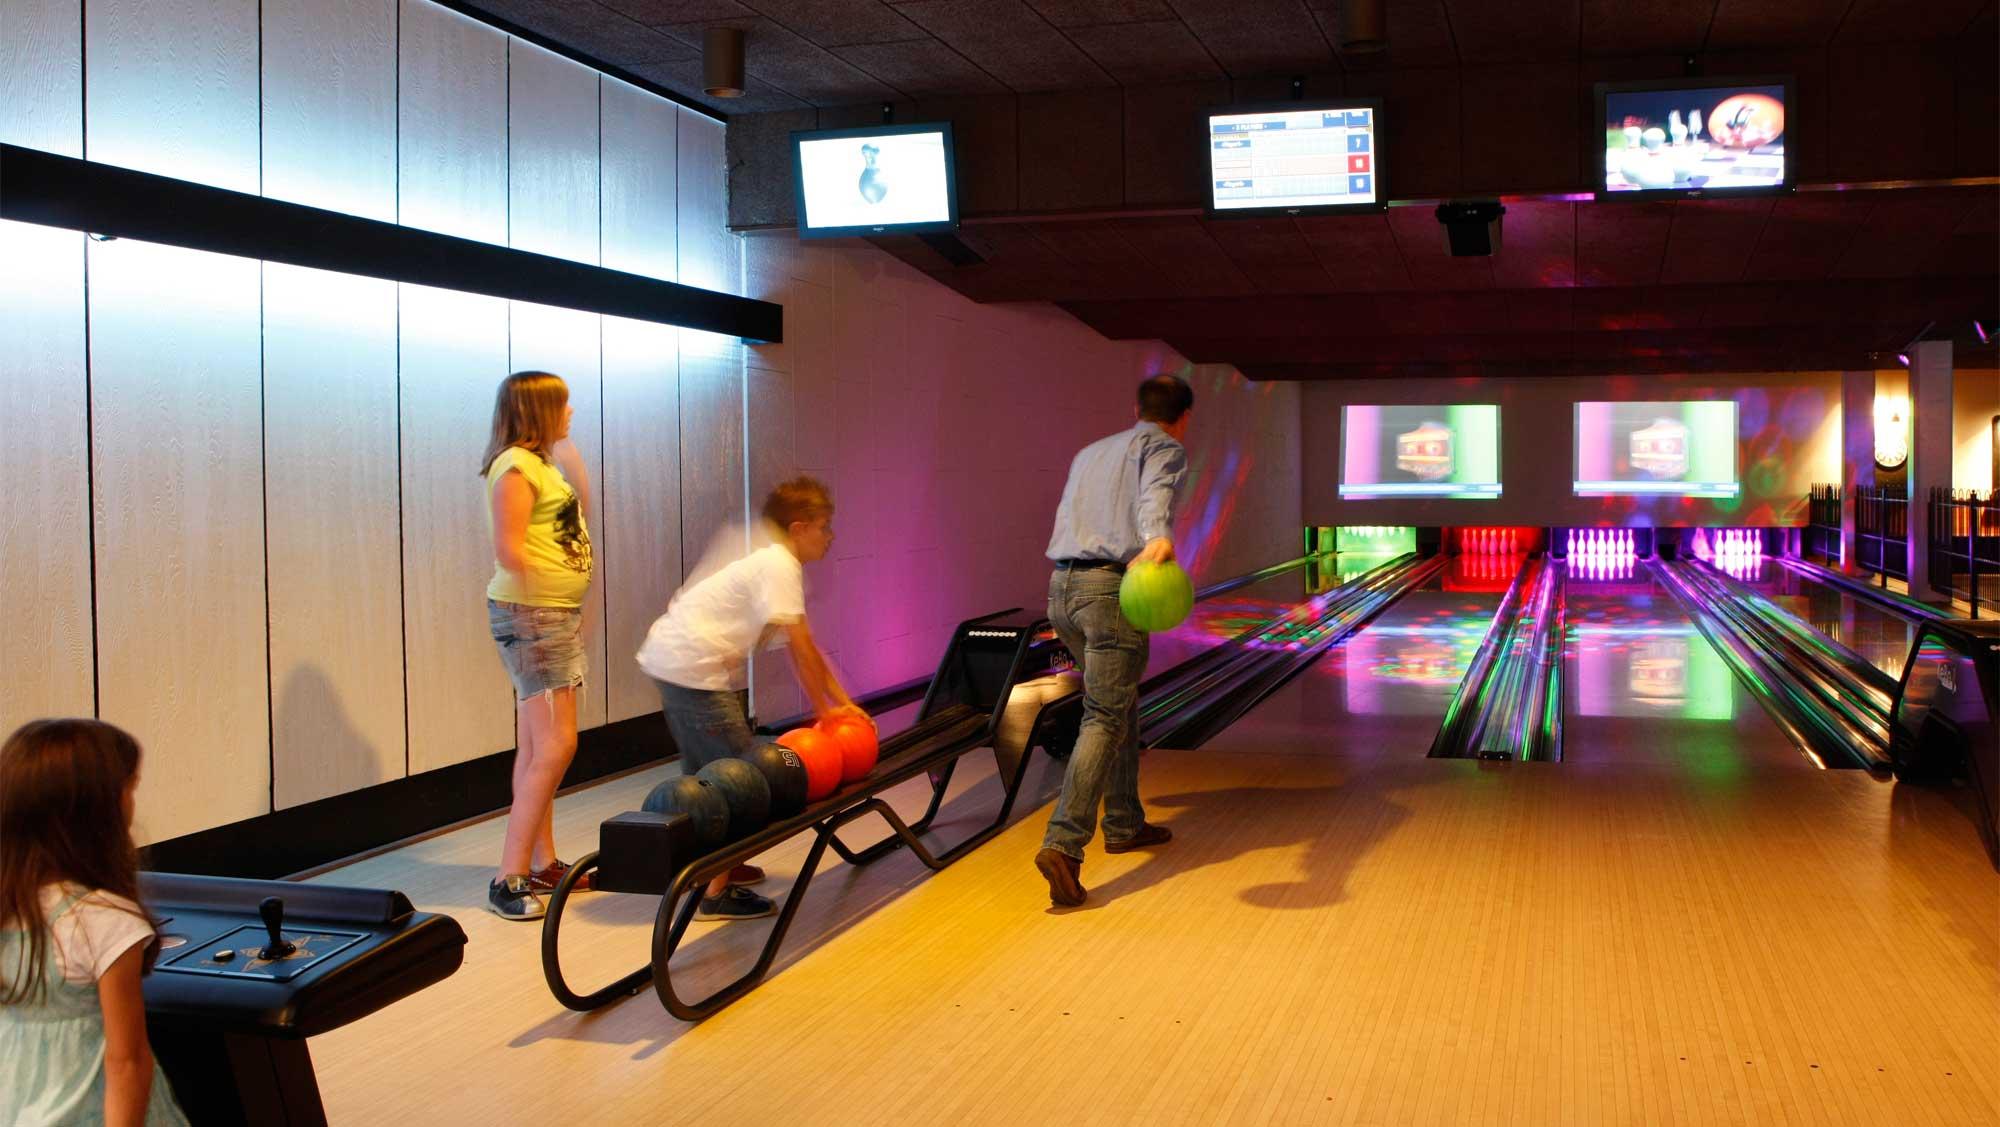 Bowlingbaan Bowlz Molecaten Park De Koerberg 01 bowlen